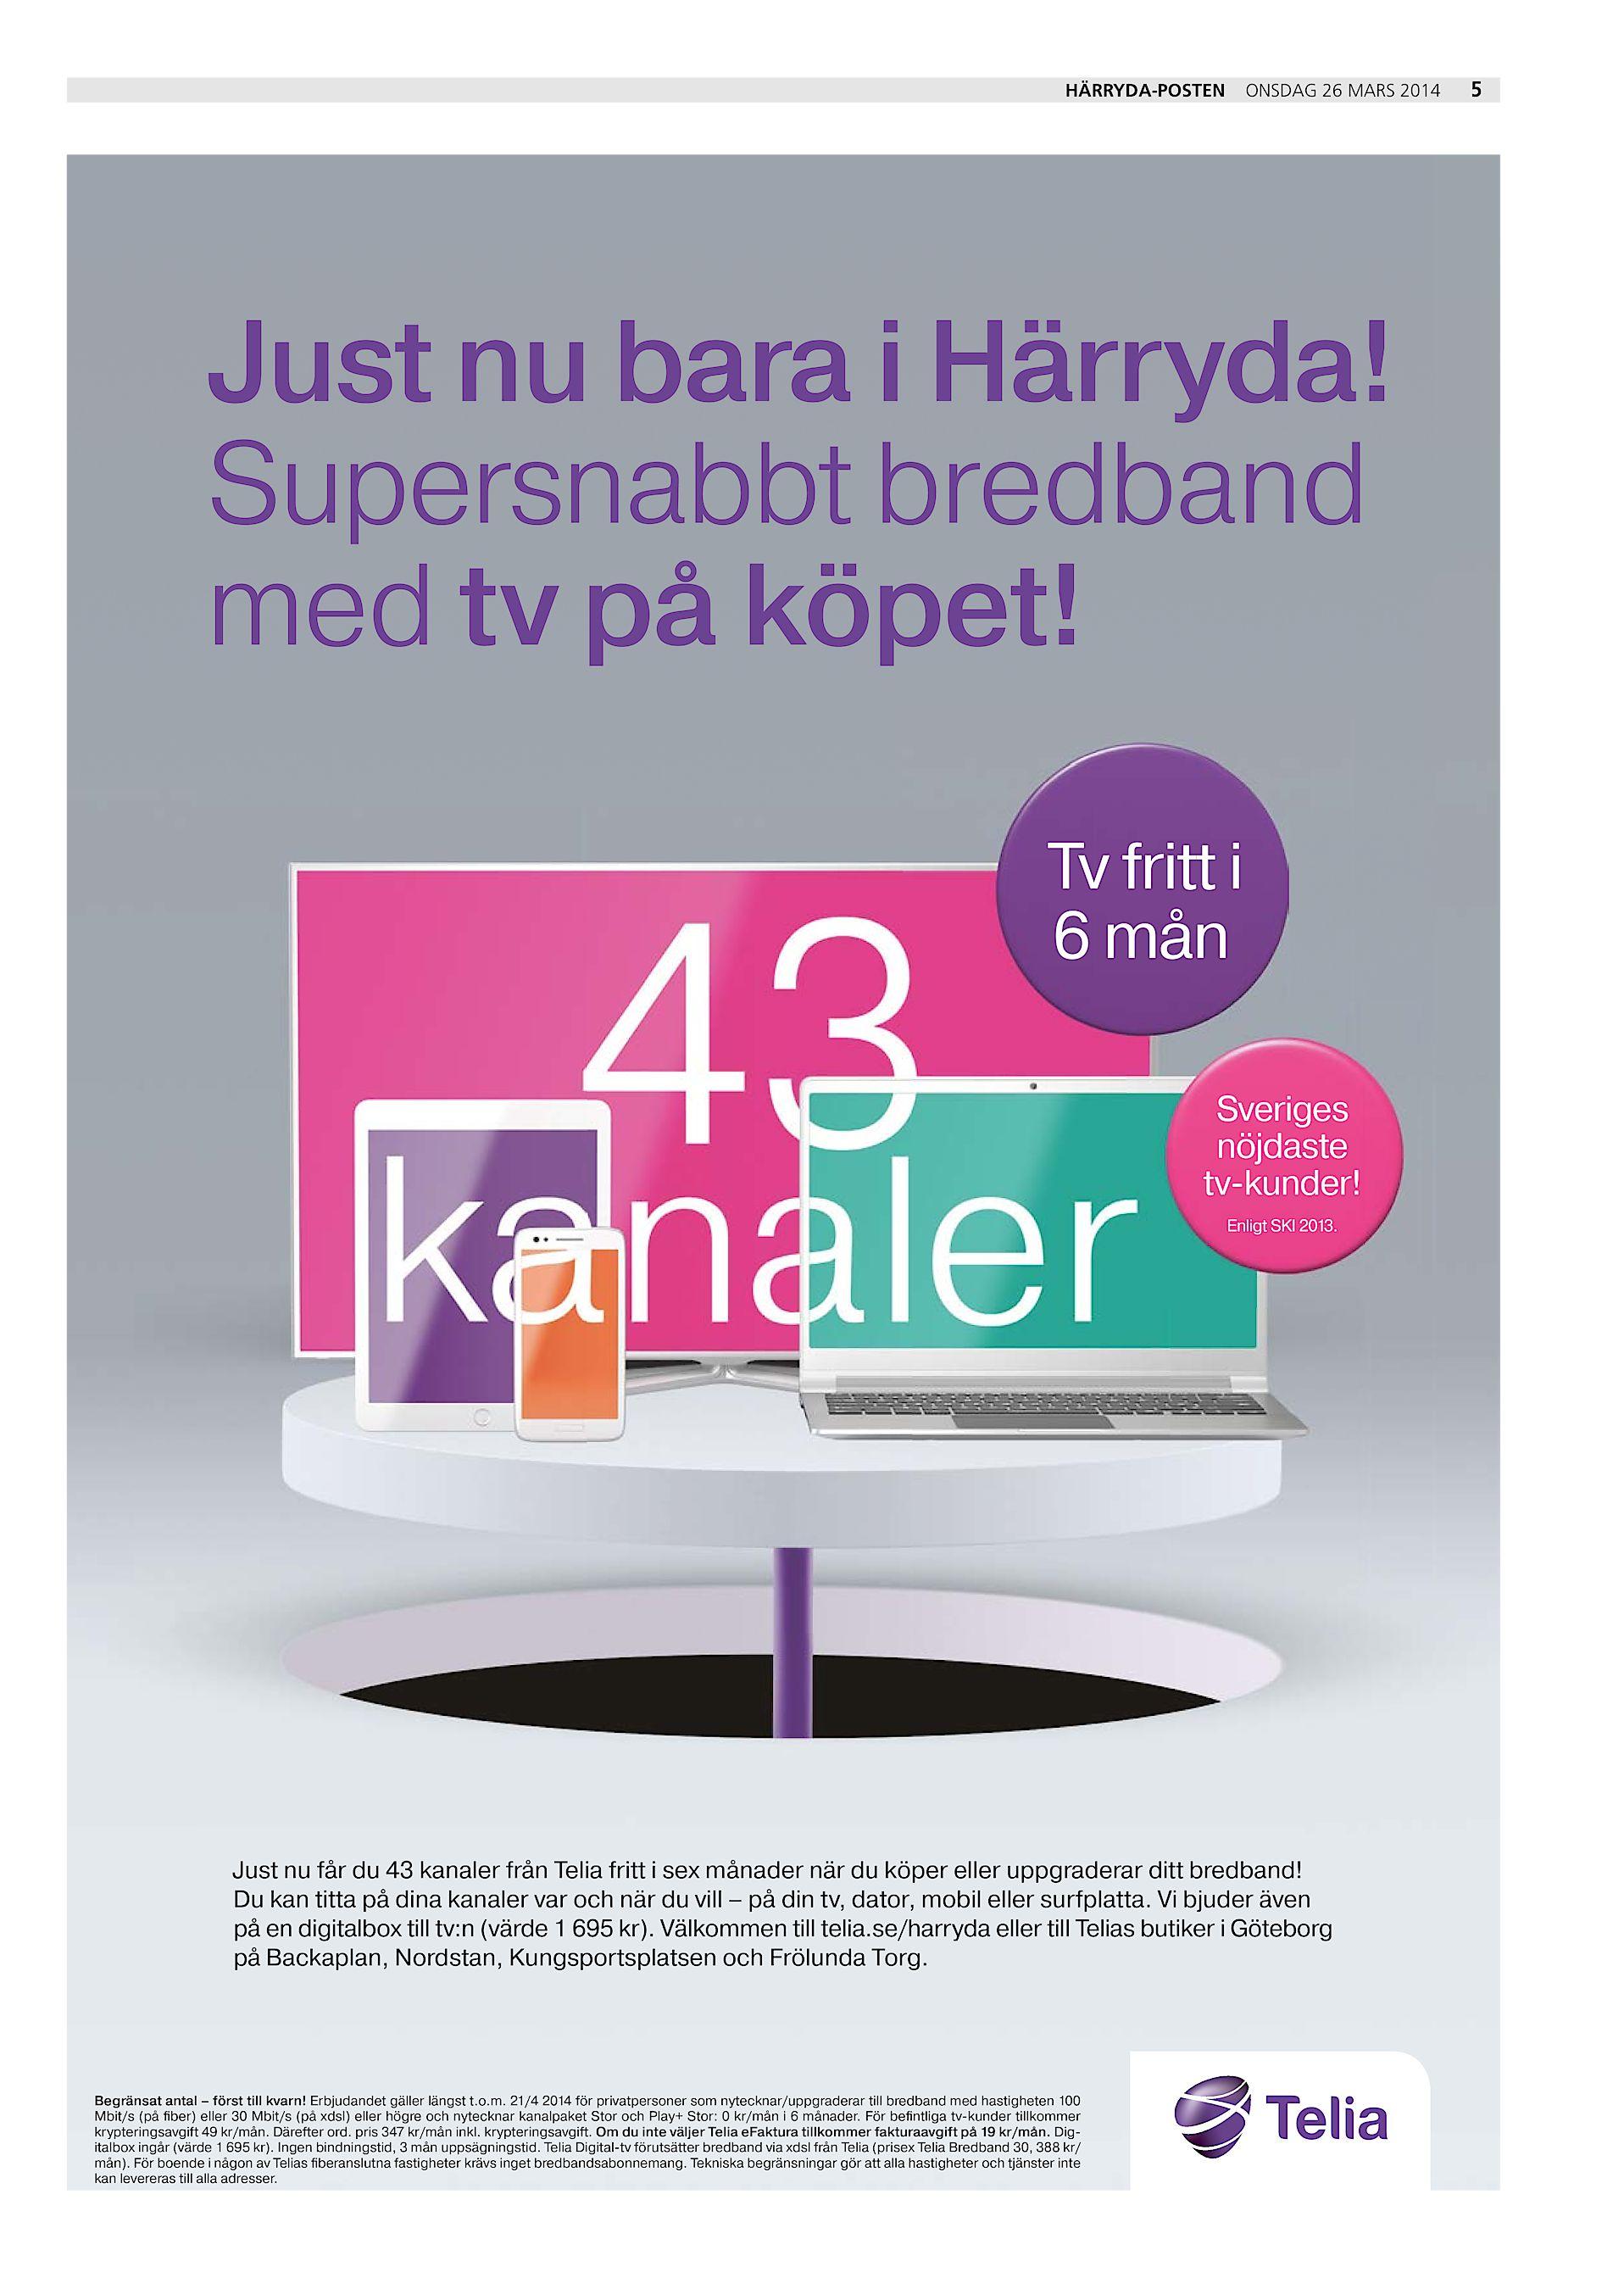 f92d29f12e8f Härryda-Posten onsdag 26 mars 2014 Just nu bara i Härryda! Supersnabbt  bredband med tv på köpet! Tv fritt i 6 mån Sveriges nöjdaste tv-kunder!